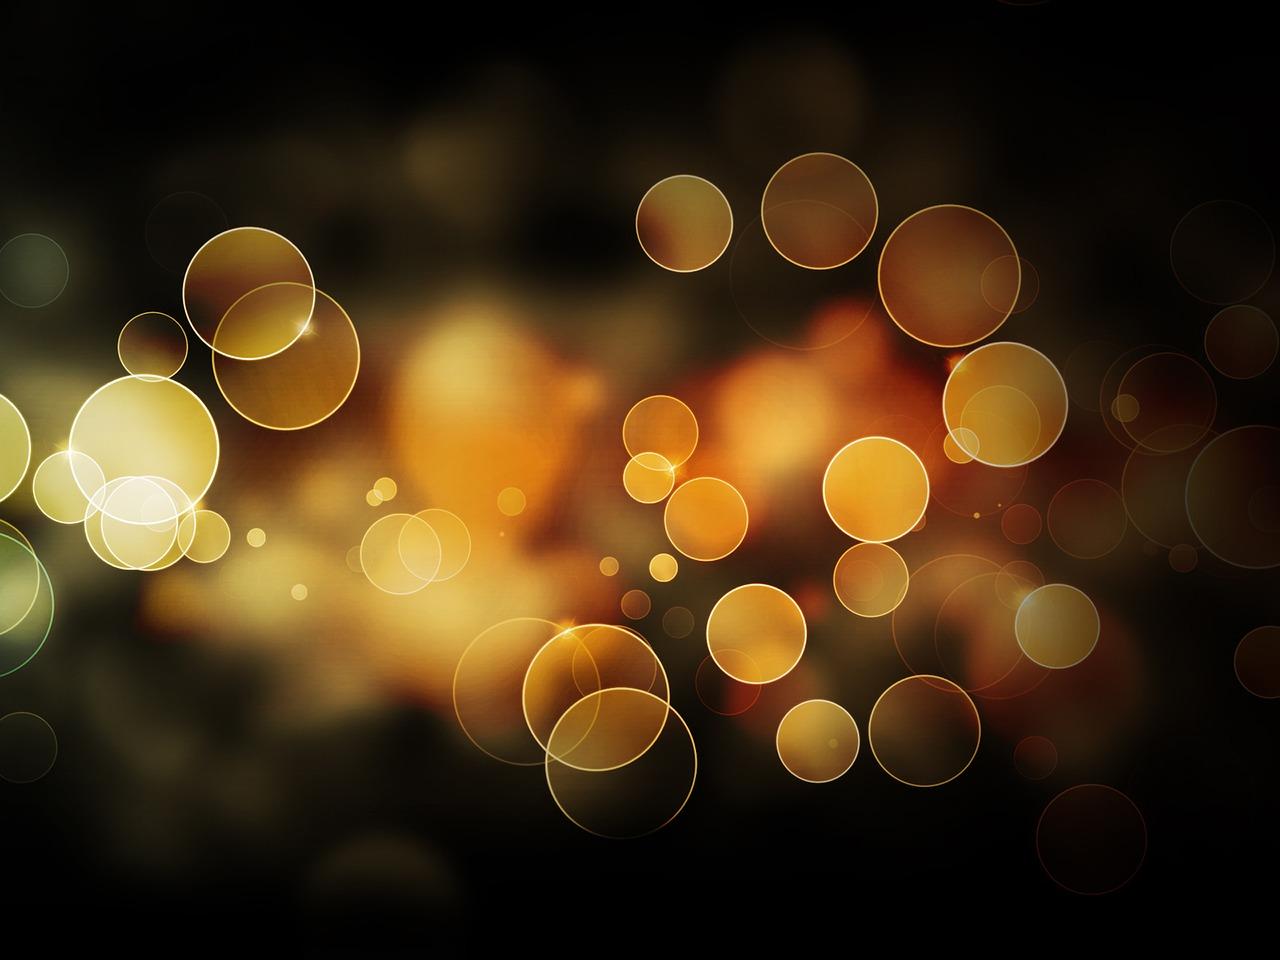 たくさんの金色の光の球の画像